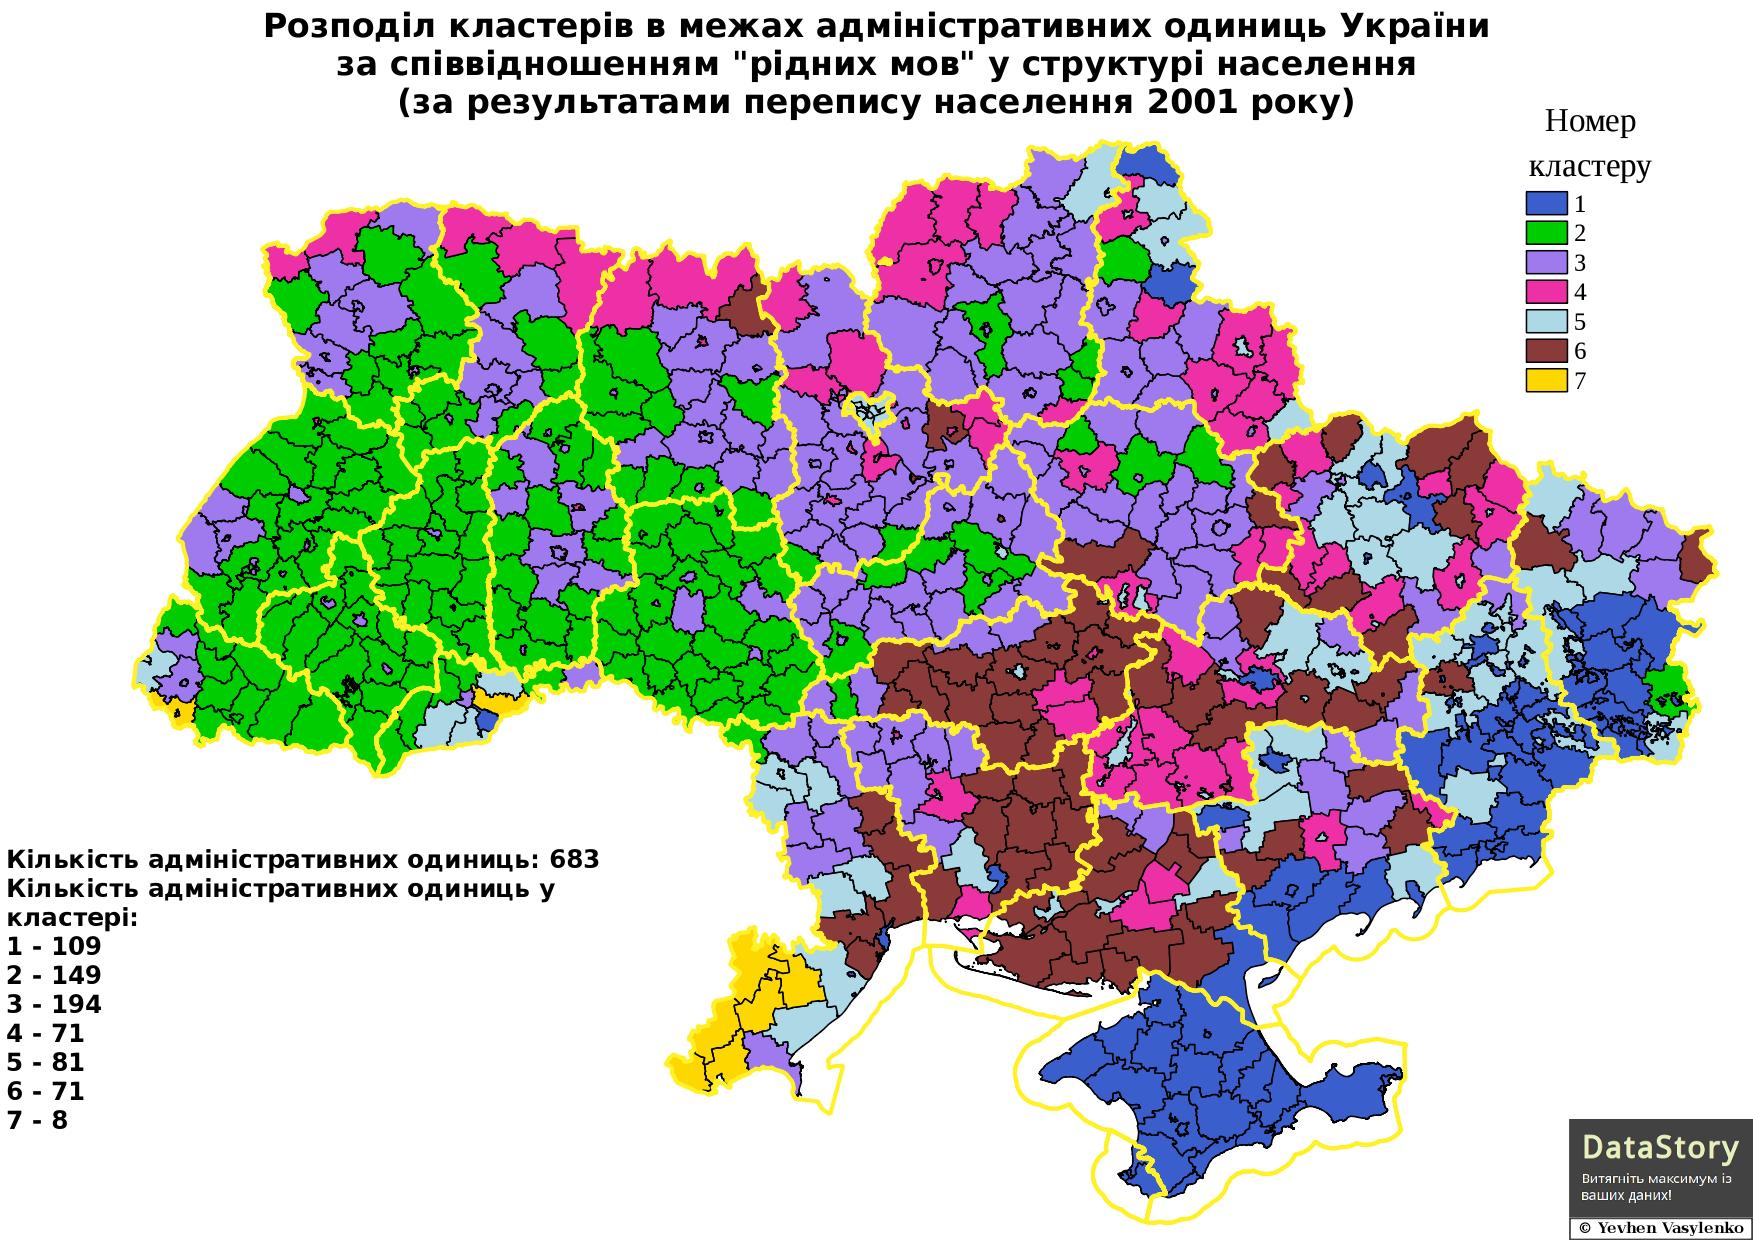 """Розподіл кластерів в межах адміністративних одиниць України за співвідношенням """"рідних мов"""" у структурі населення"""